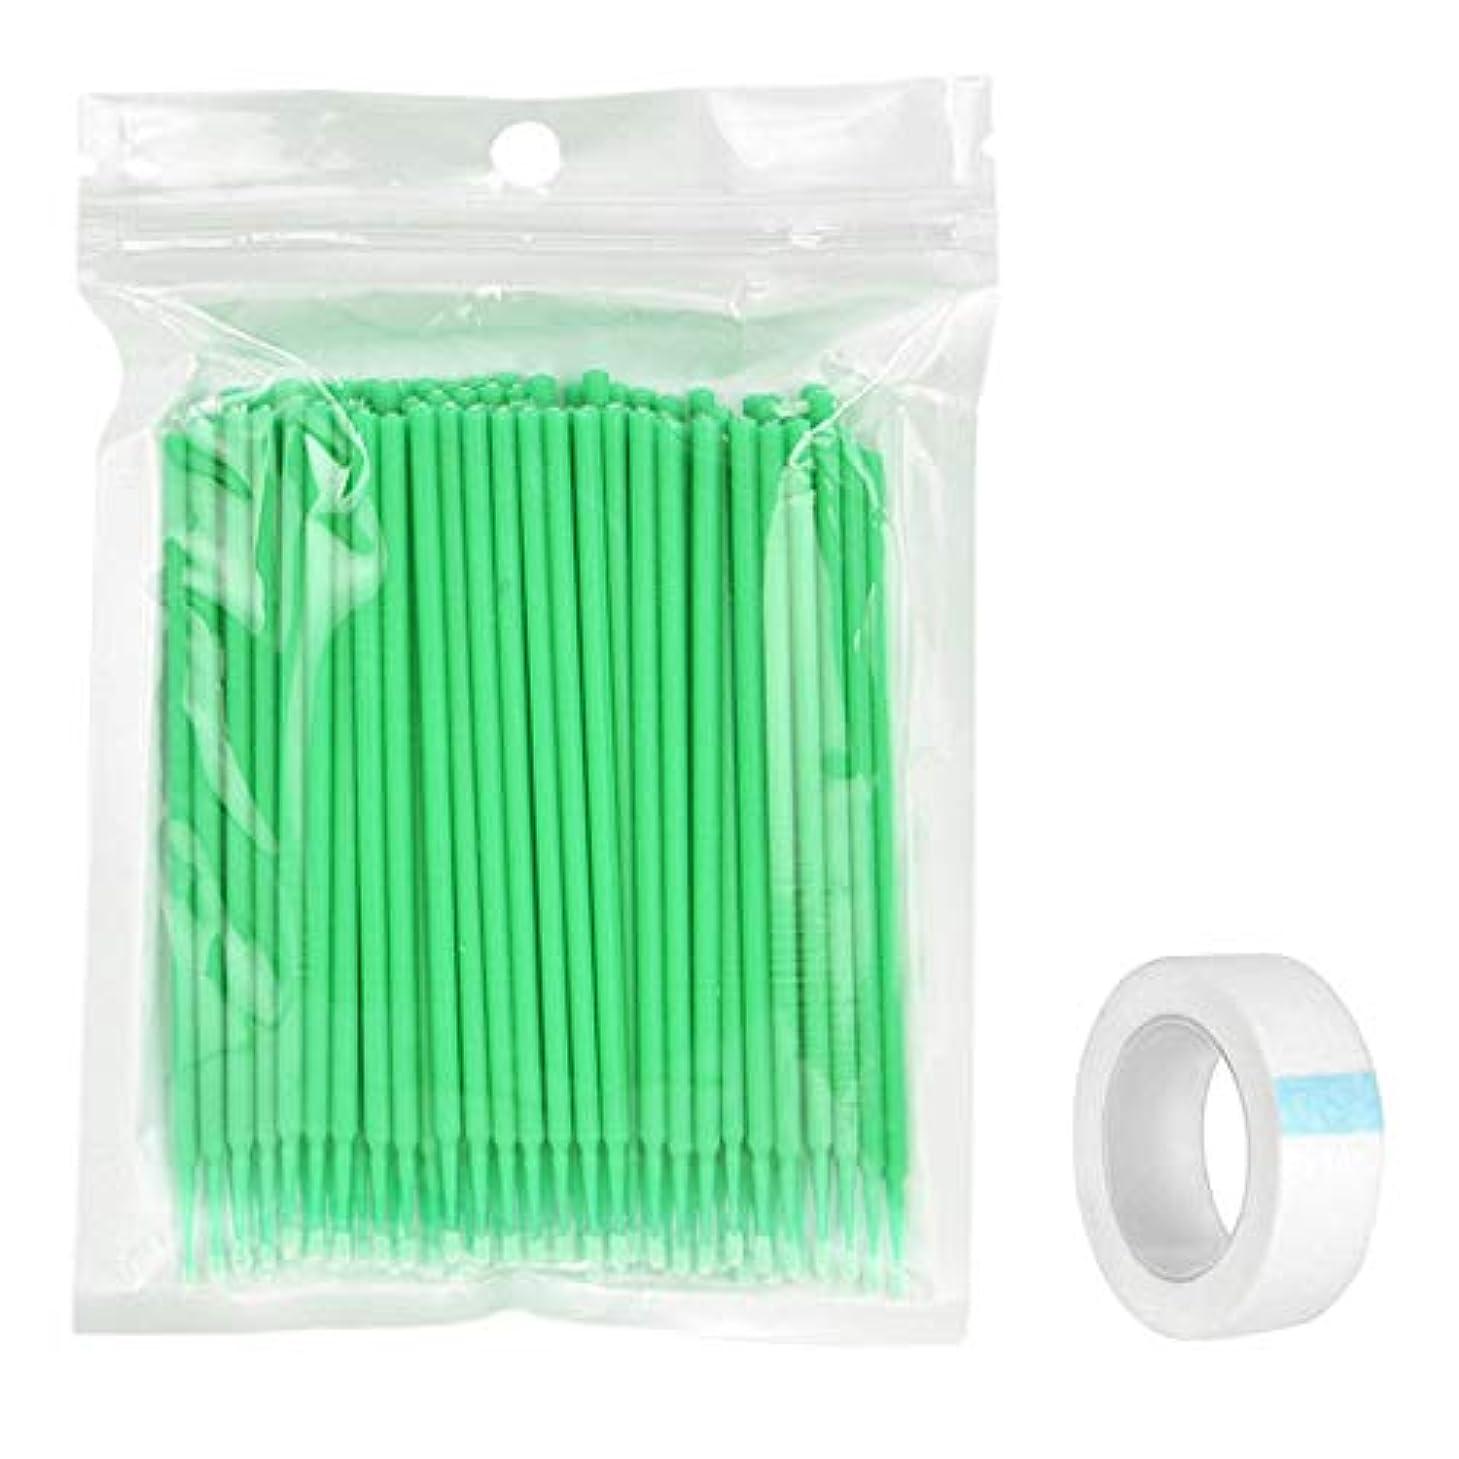 出身地マルコポーロベスト100個の使い捨て可能なまつげの拡張マイクロブラシスワブ&アンダーアイパッド - 緑